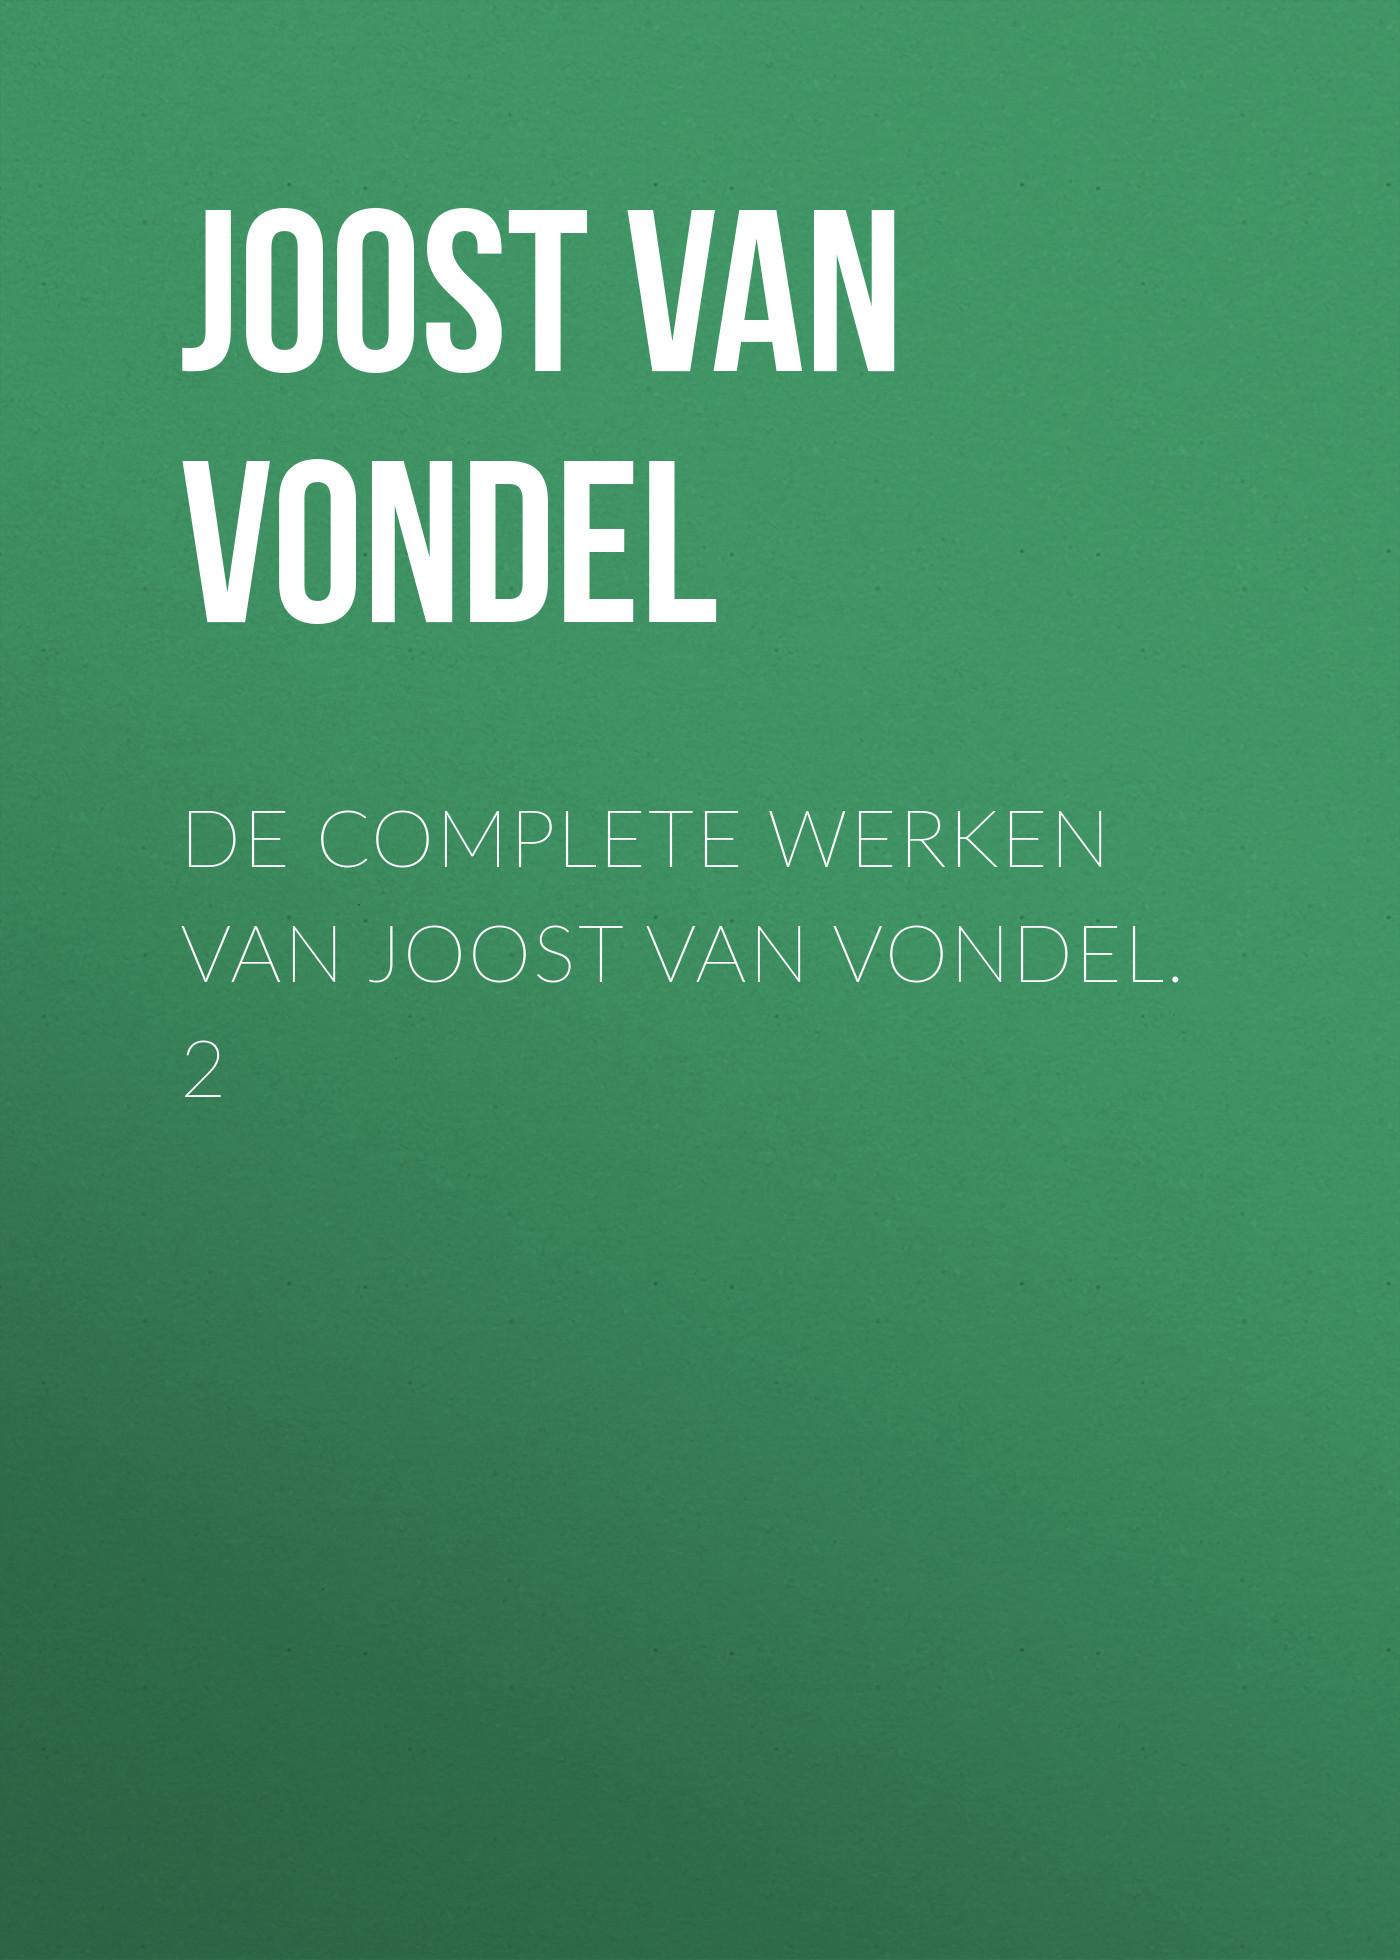 Joost van den Vondel De complete werken van Joost van Vondel. 2 joost van den vondel de complete werken van joost van vondel 2